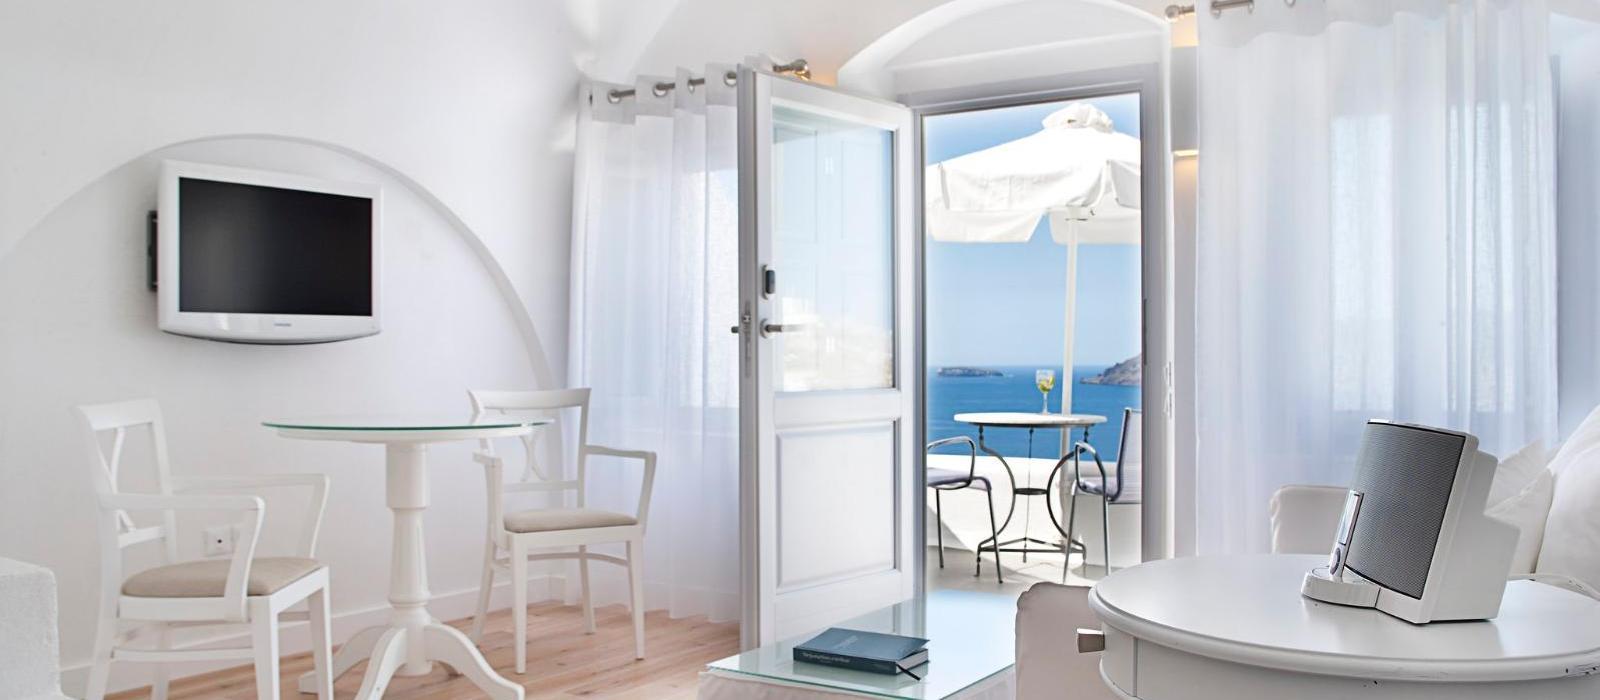 圣托里尼嘉邸祺度假酒店(Katikies Santorini) 高级套房起居室图片  www.lhw.cn